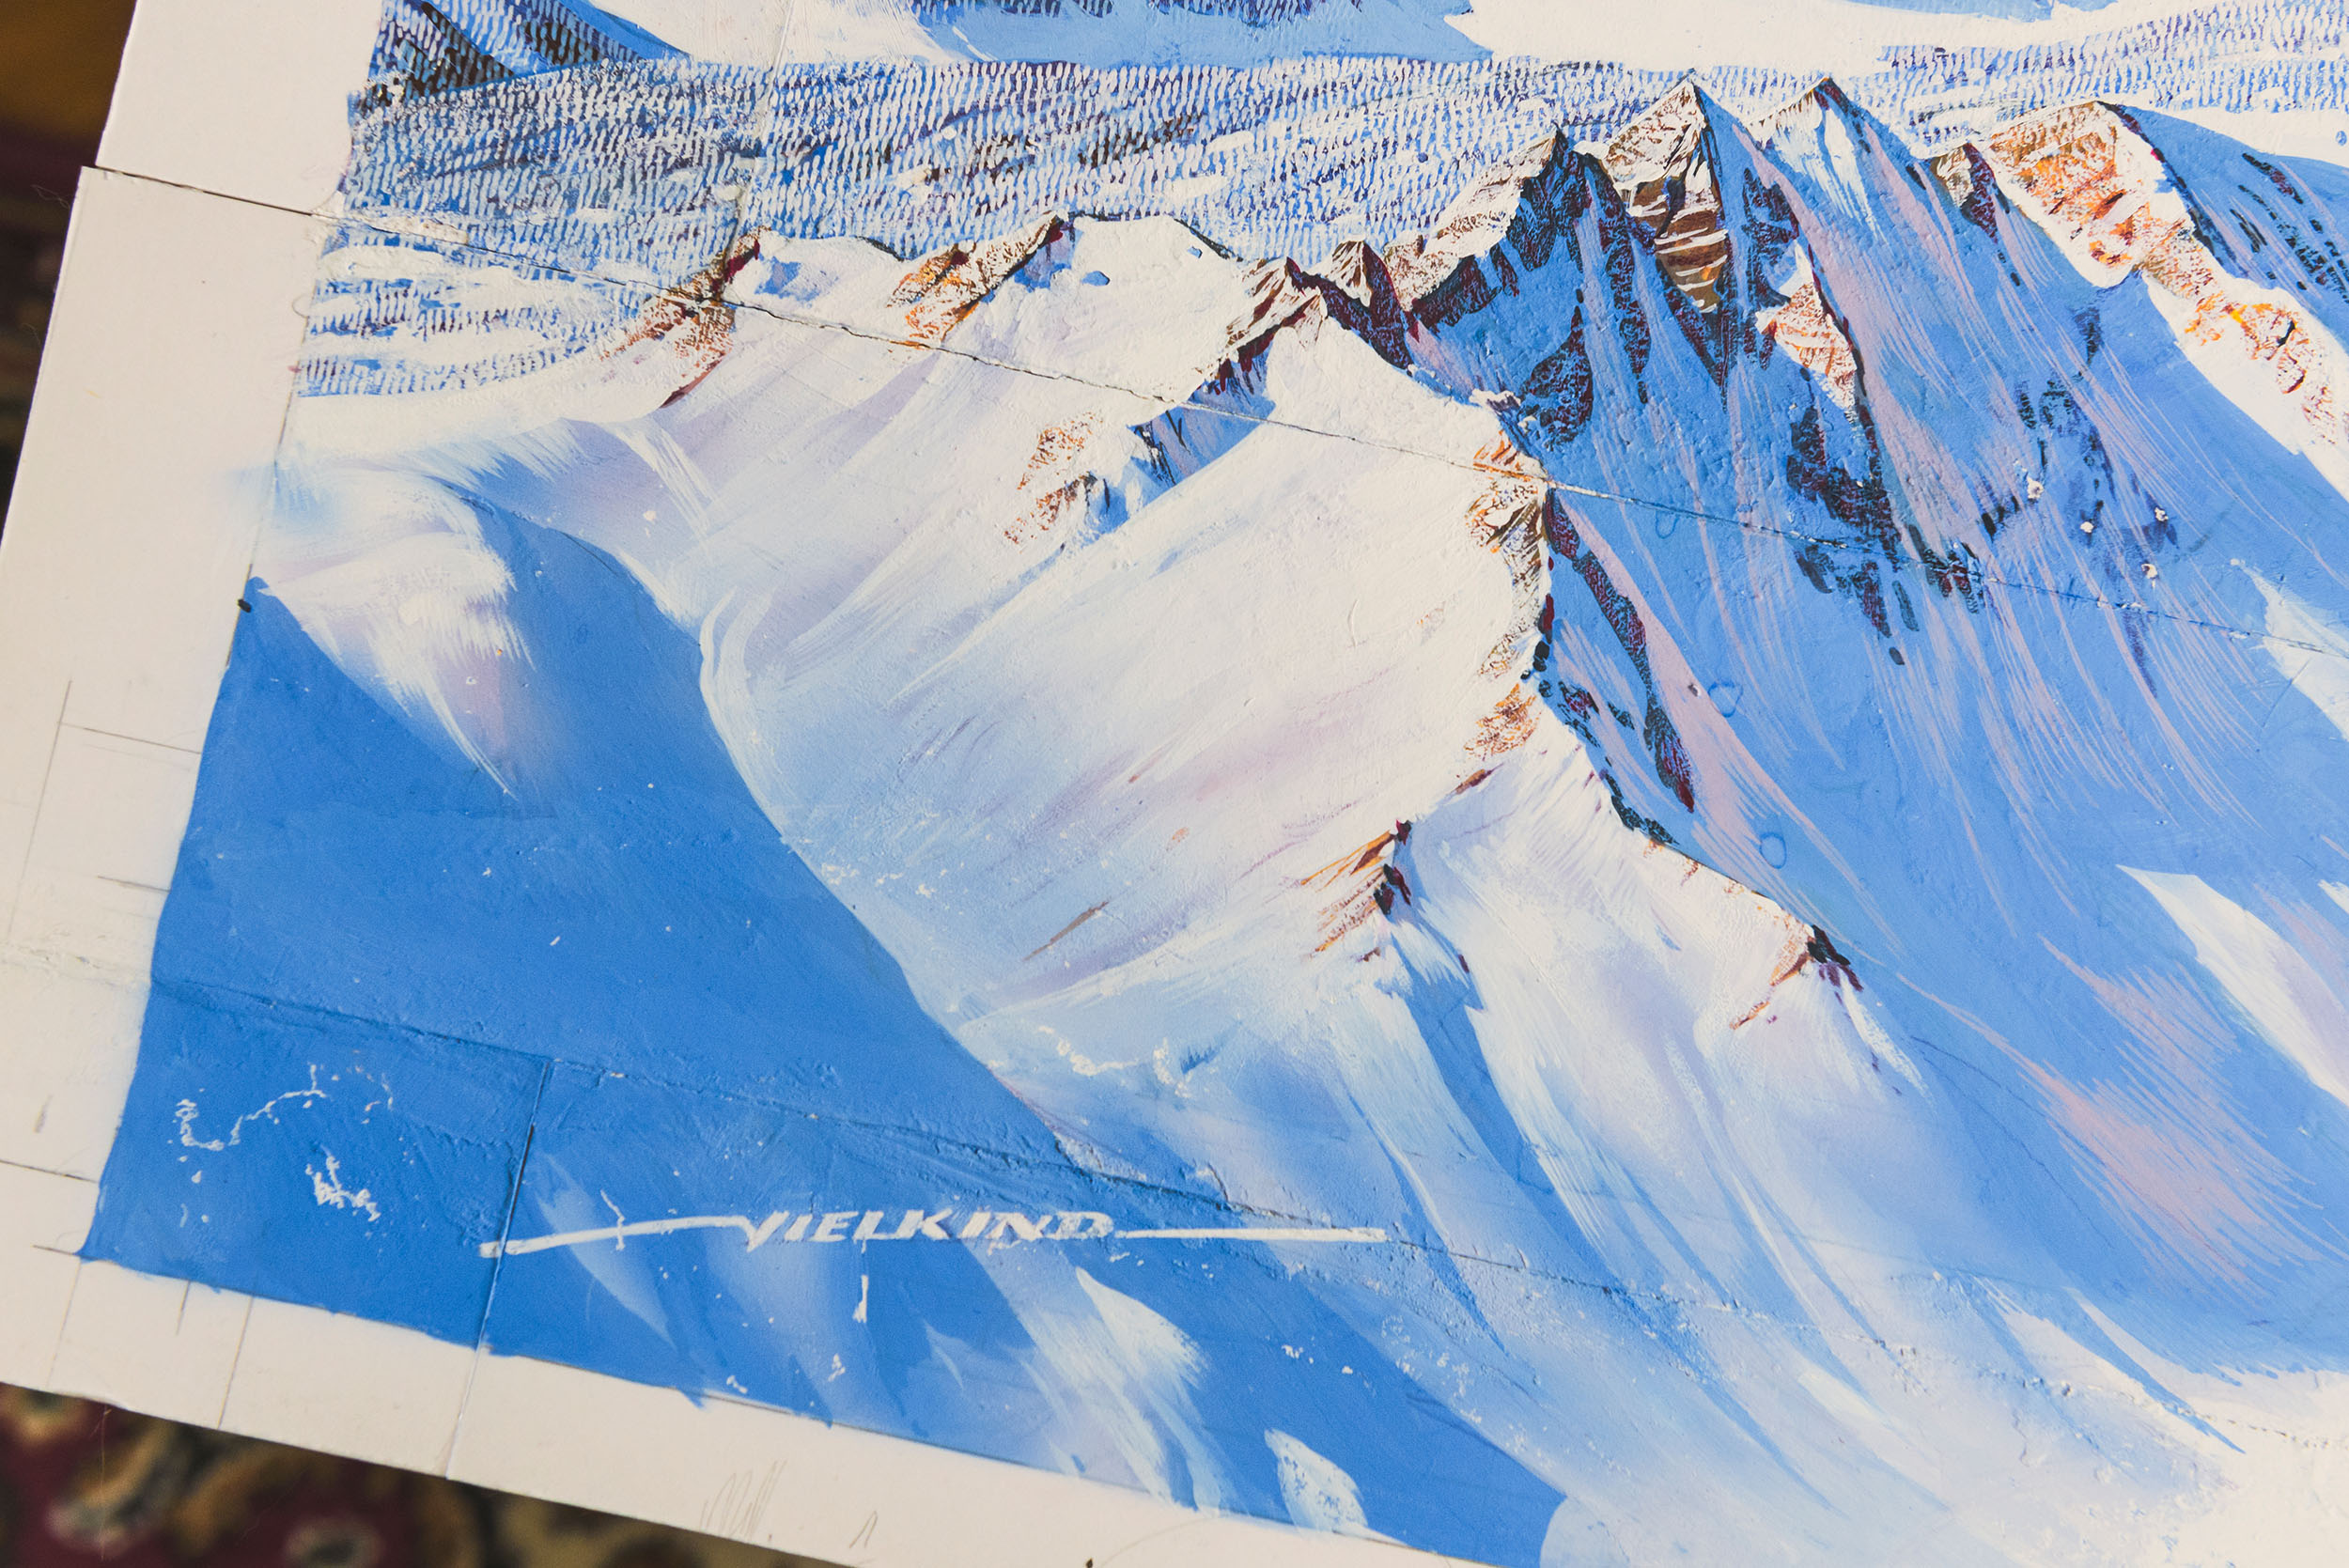 Panoramamaler Heinz Vielkind, Innsbruck